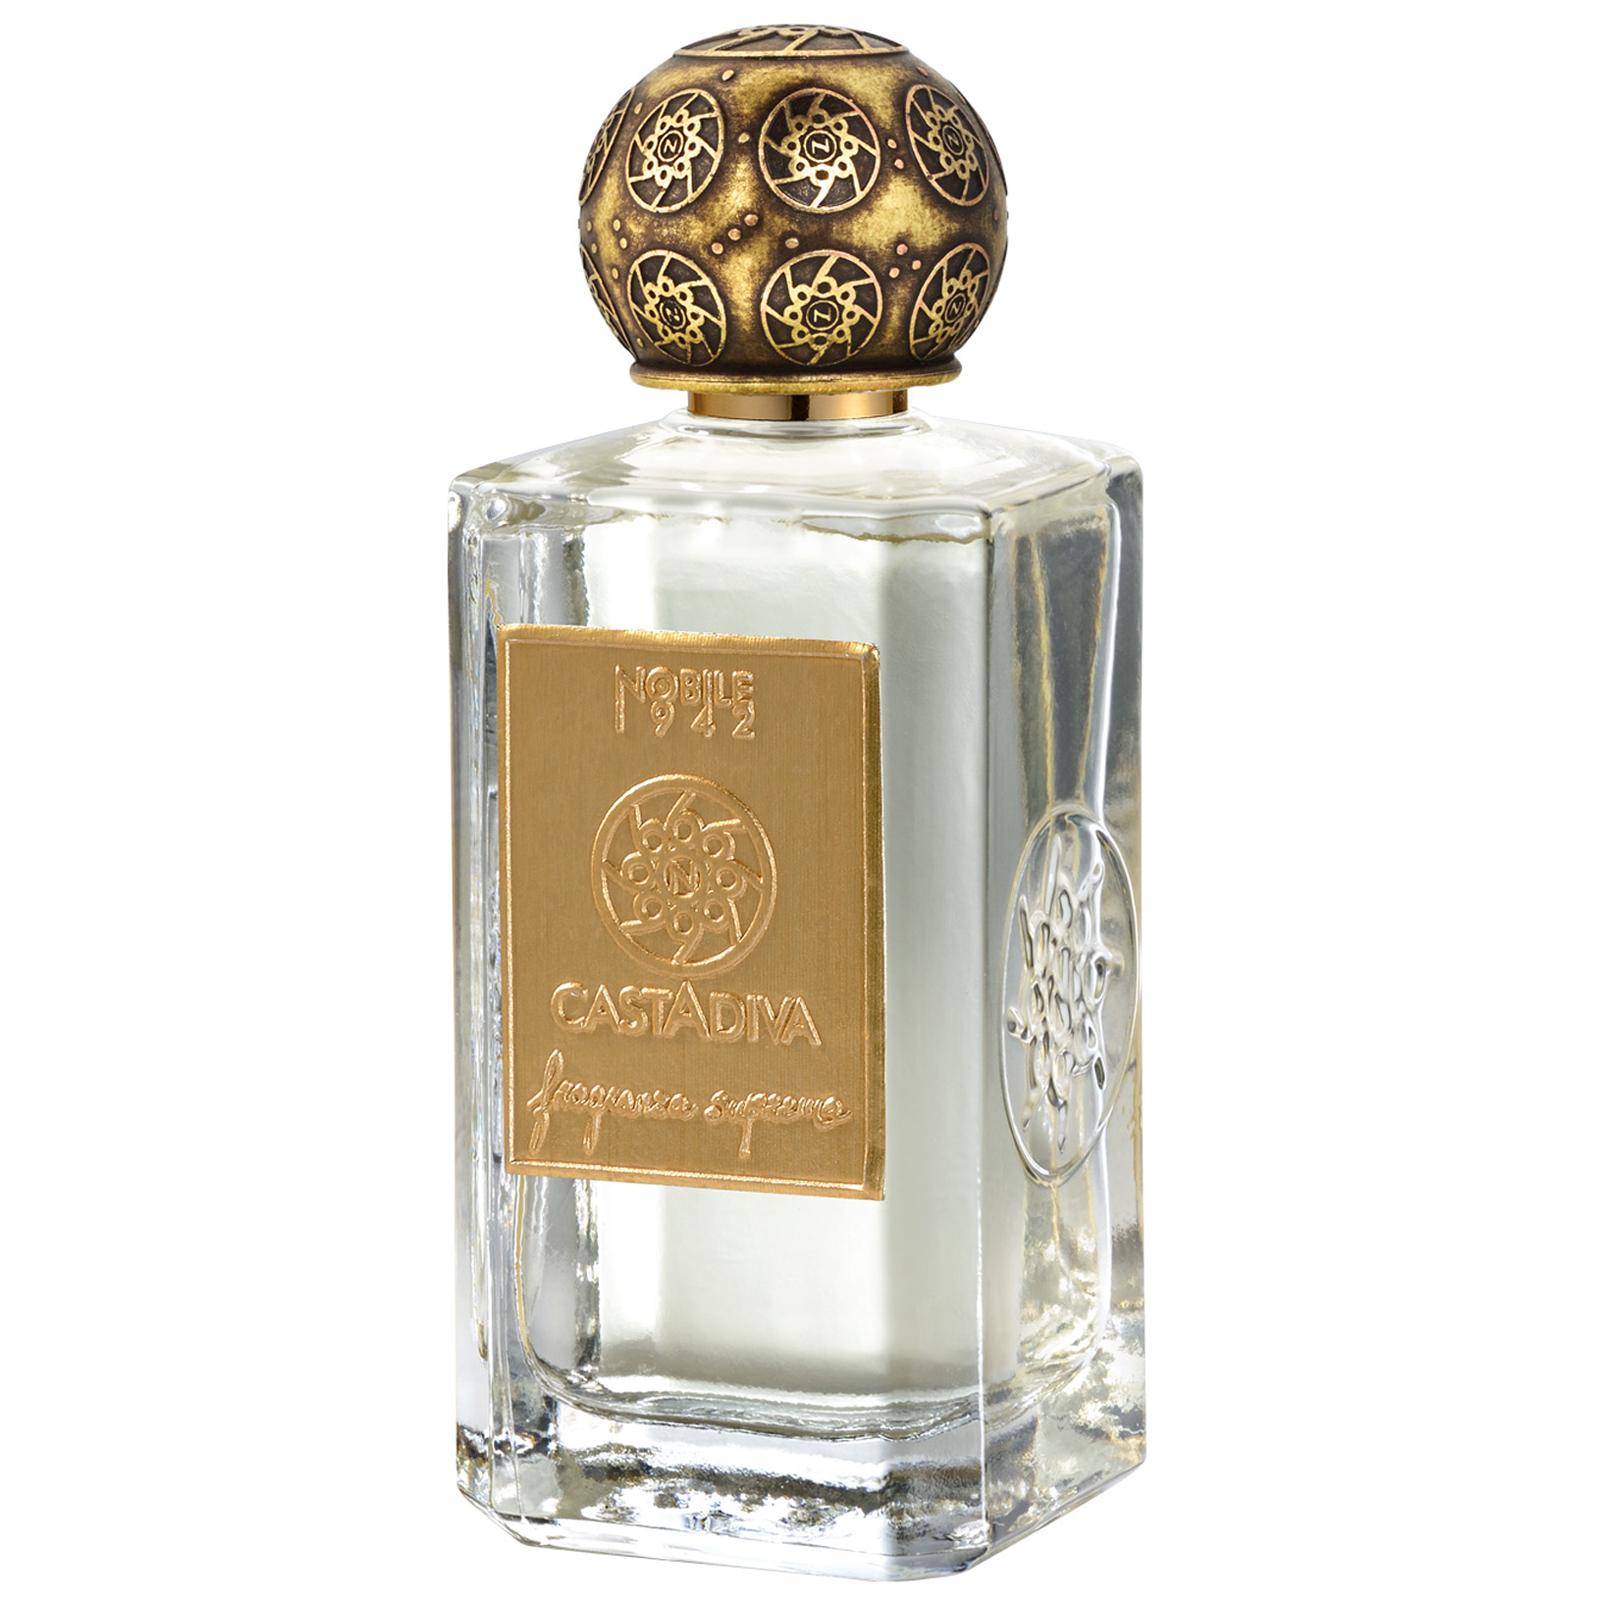 Casta diva profumo eau de parfum 75 ml